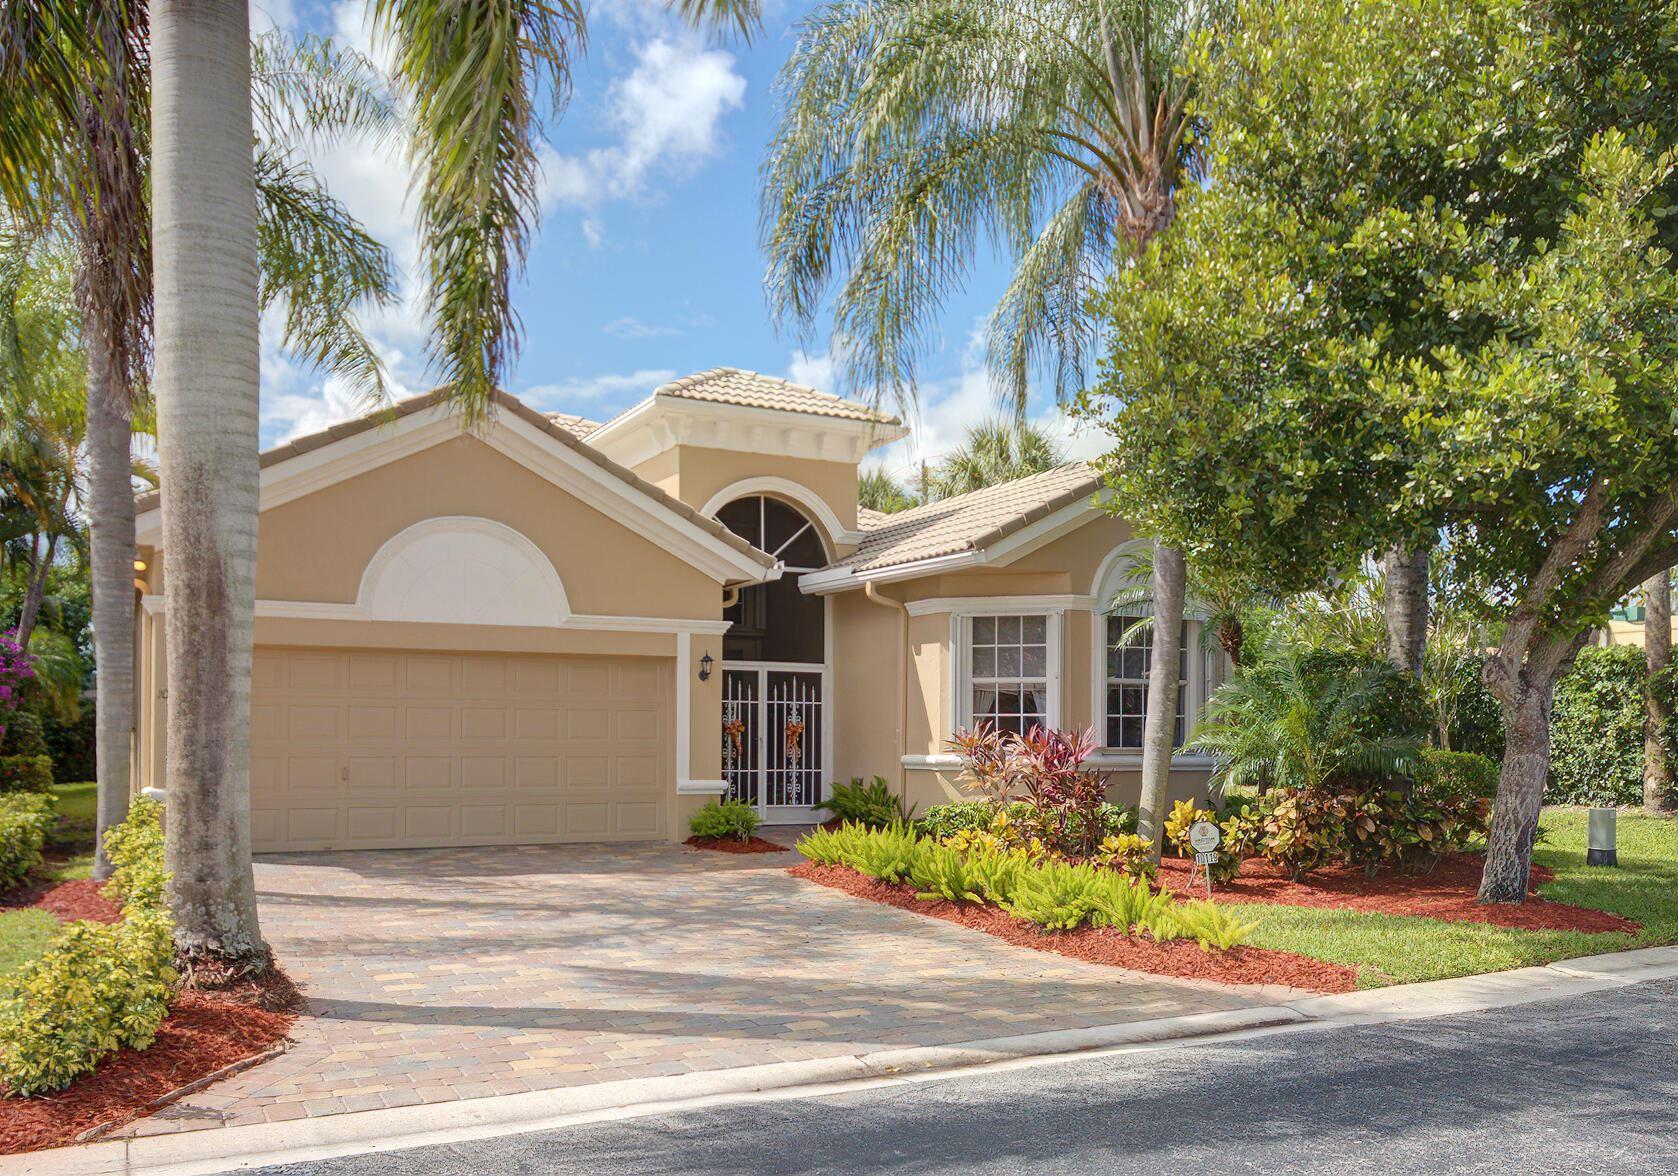 10119 Ravenna Way, Boynton Beach, FL 33437 - MLS#: RX-10749171